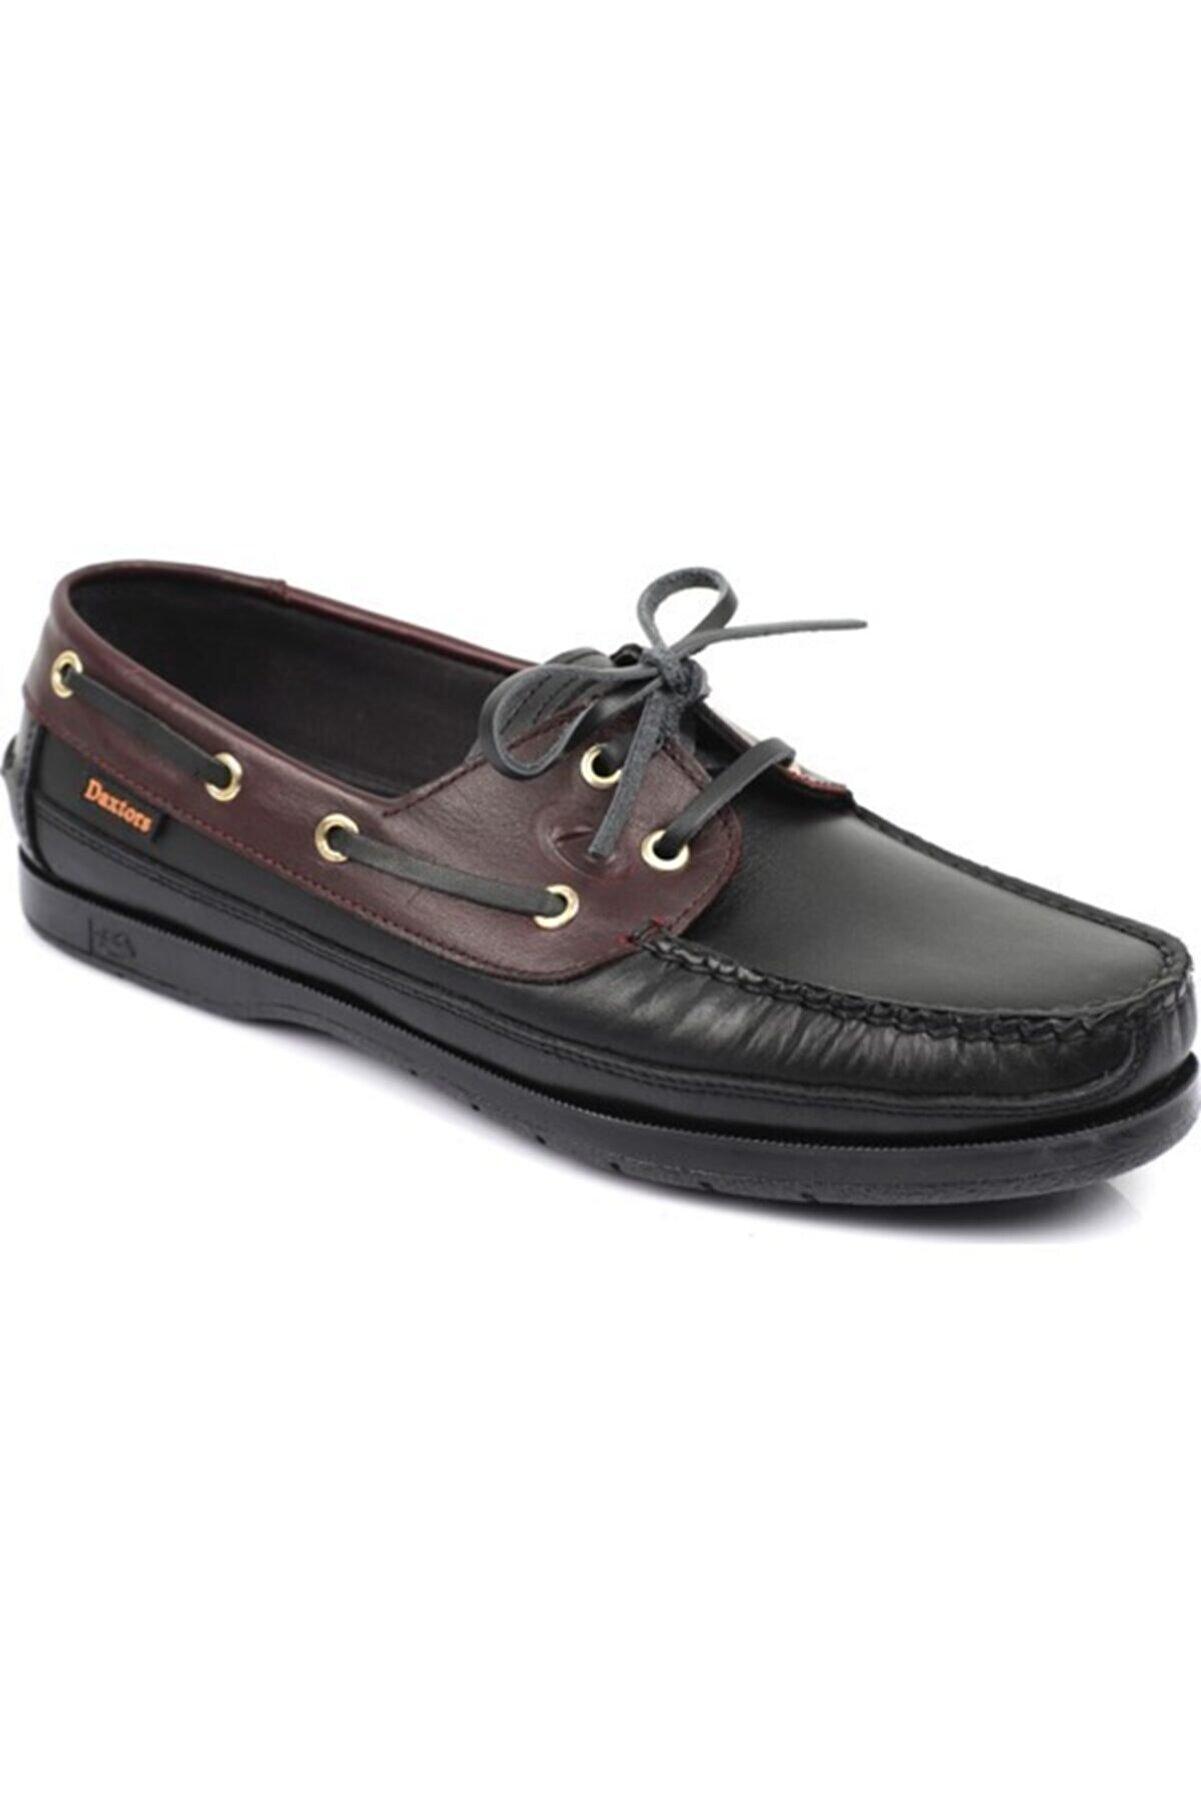 Daxtors D-815 Günlük Hakiki Deri Erkek Ortpedik Ayakkabı